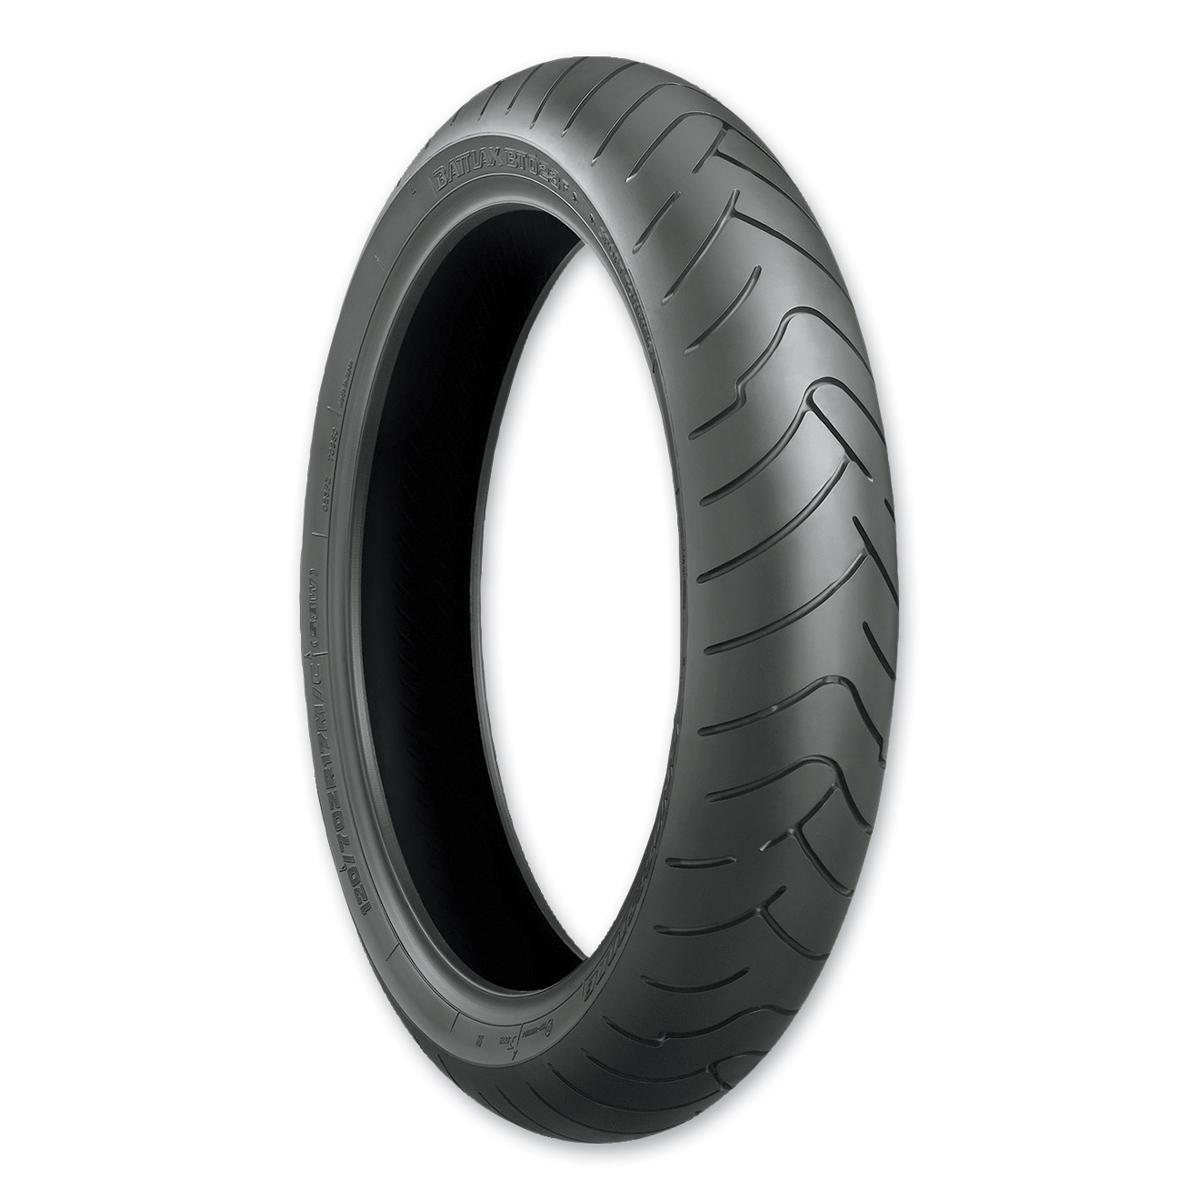 Bridgestone BT023-G 160/60ZR17 Rear Tire